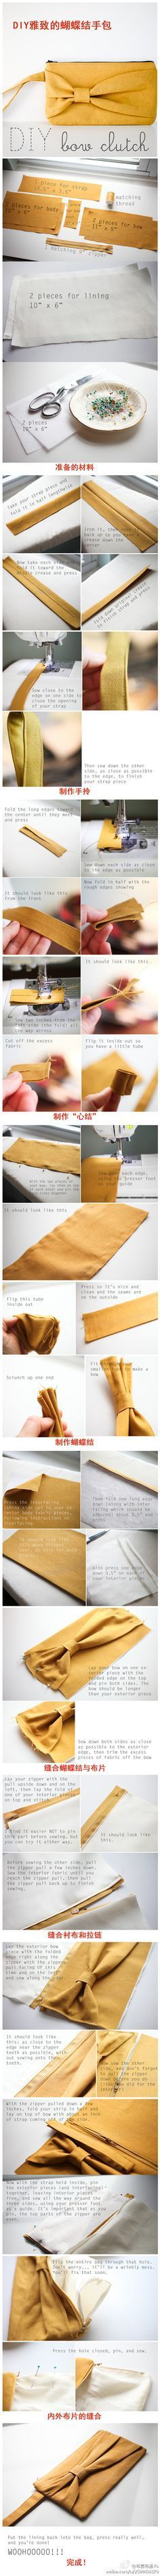 手藝星園地 Craft Stars: 包包製作教學-7 Bag Tutorial